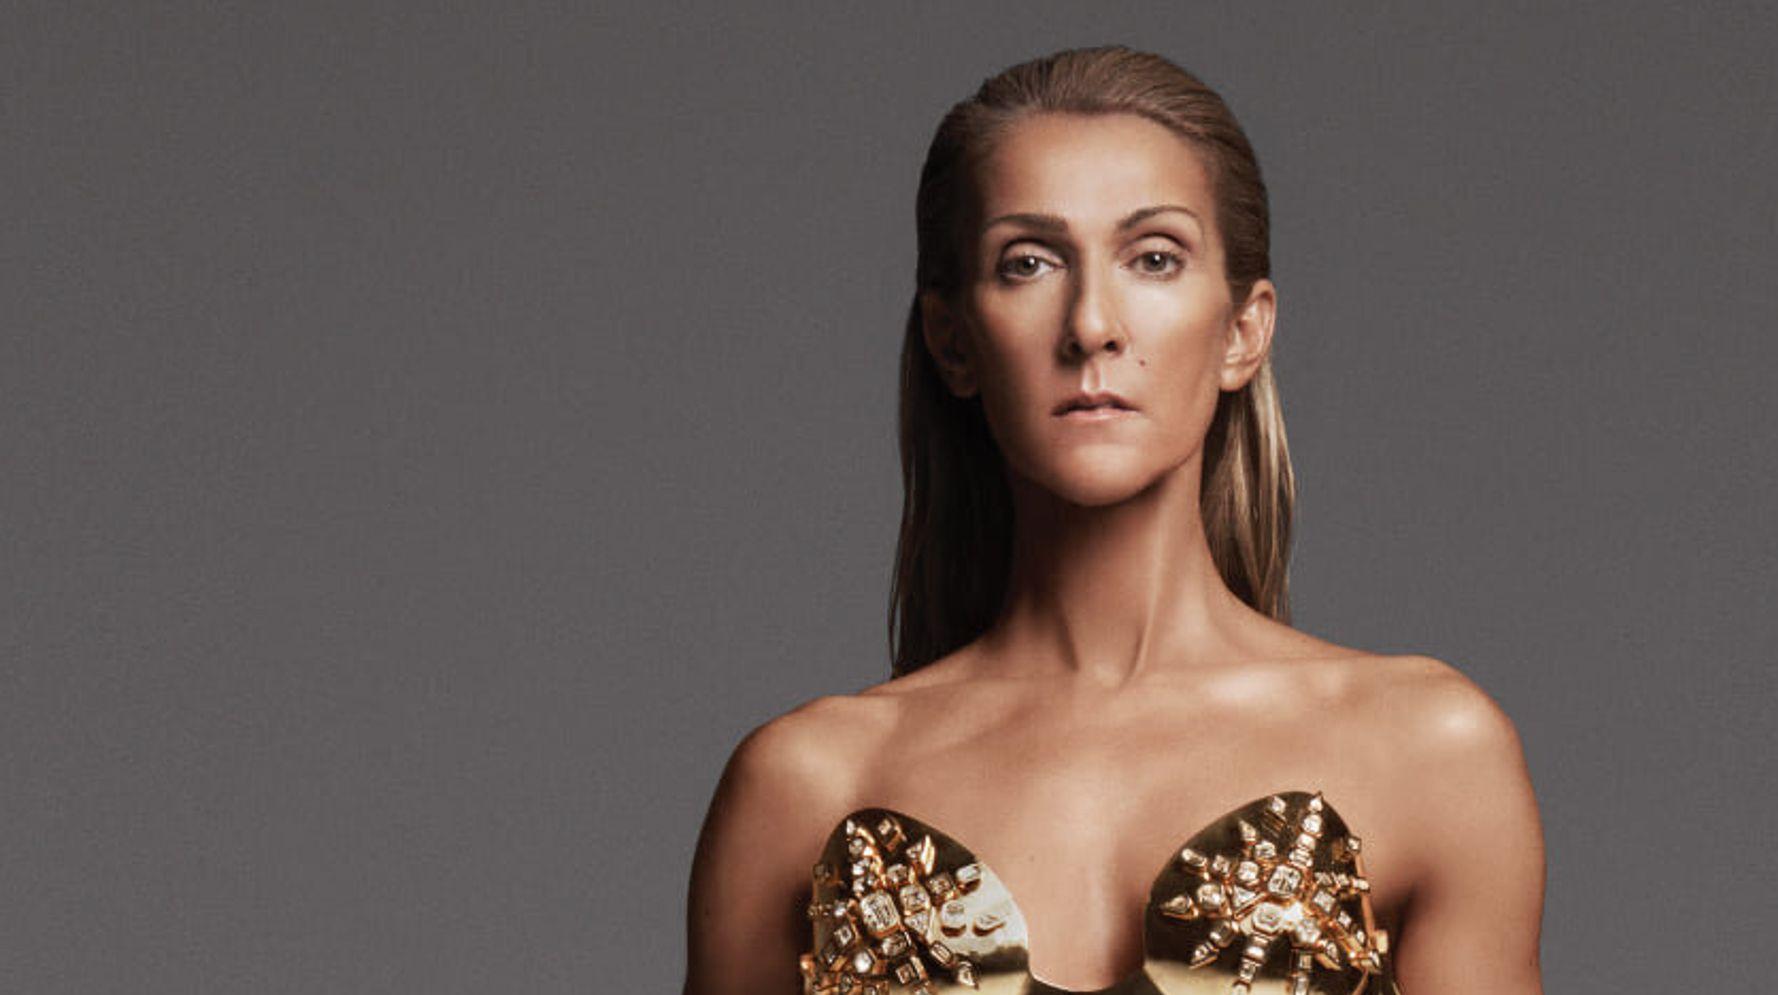 Céline Dion ébahit avec son nouveau look sexy